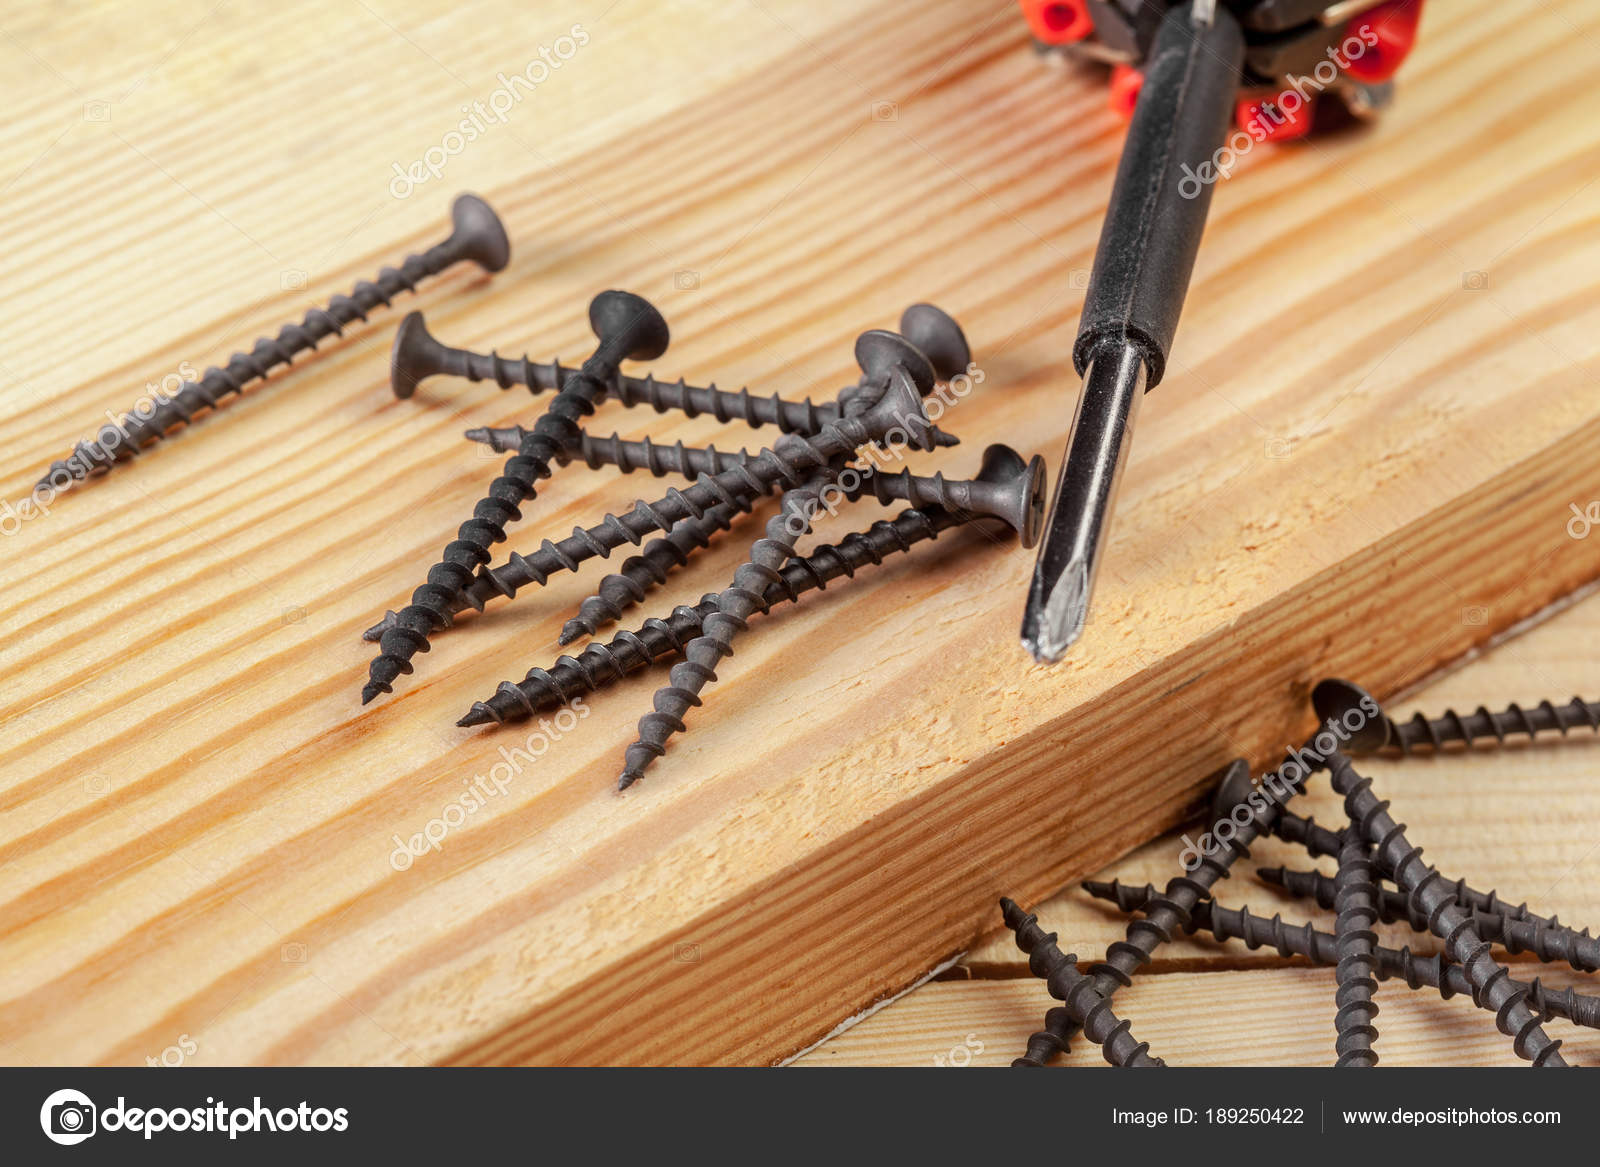 Pile Framing Nails Wooden Surface — Stock Photo © Fotofabrika #189250422